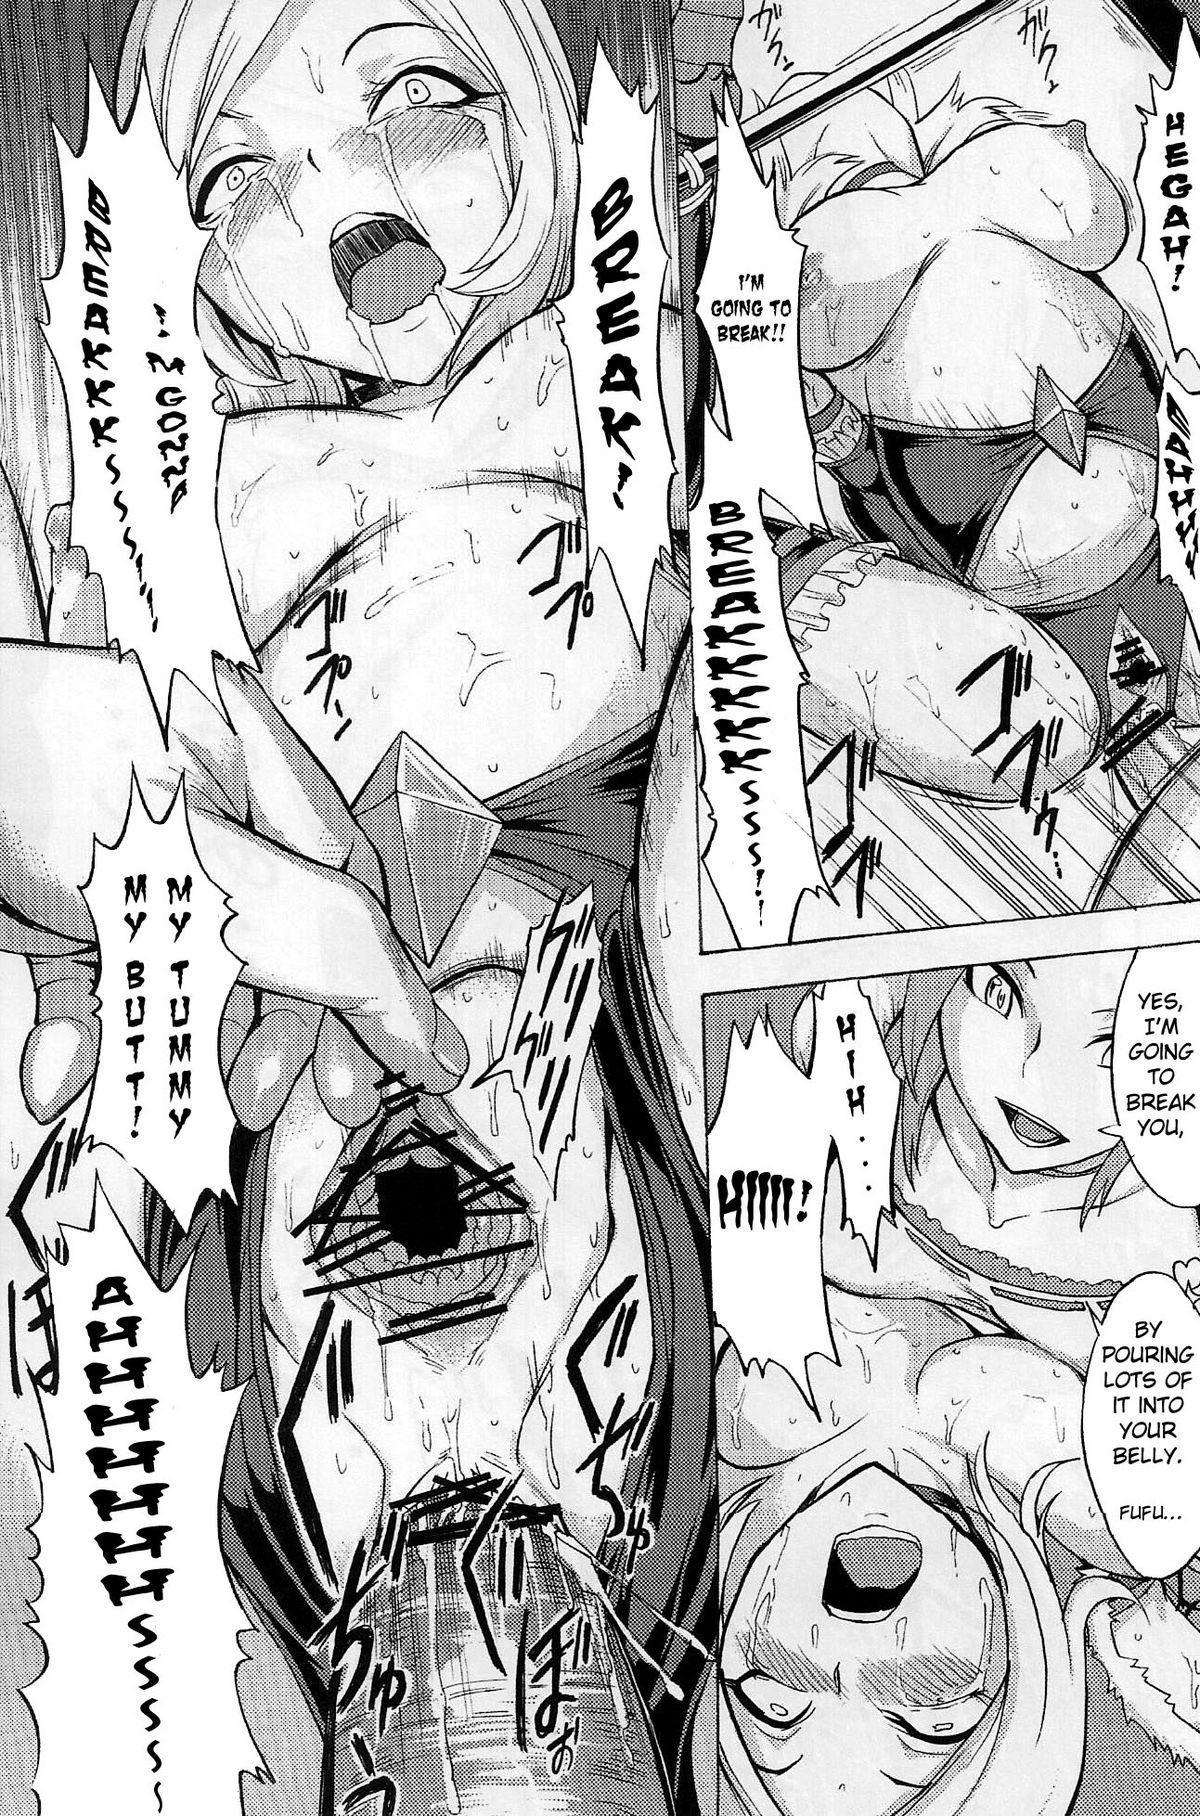 Shiawase - Eas Ryoujoku Choukyou 21